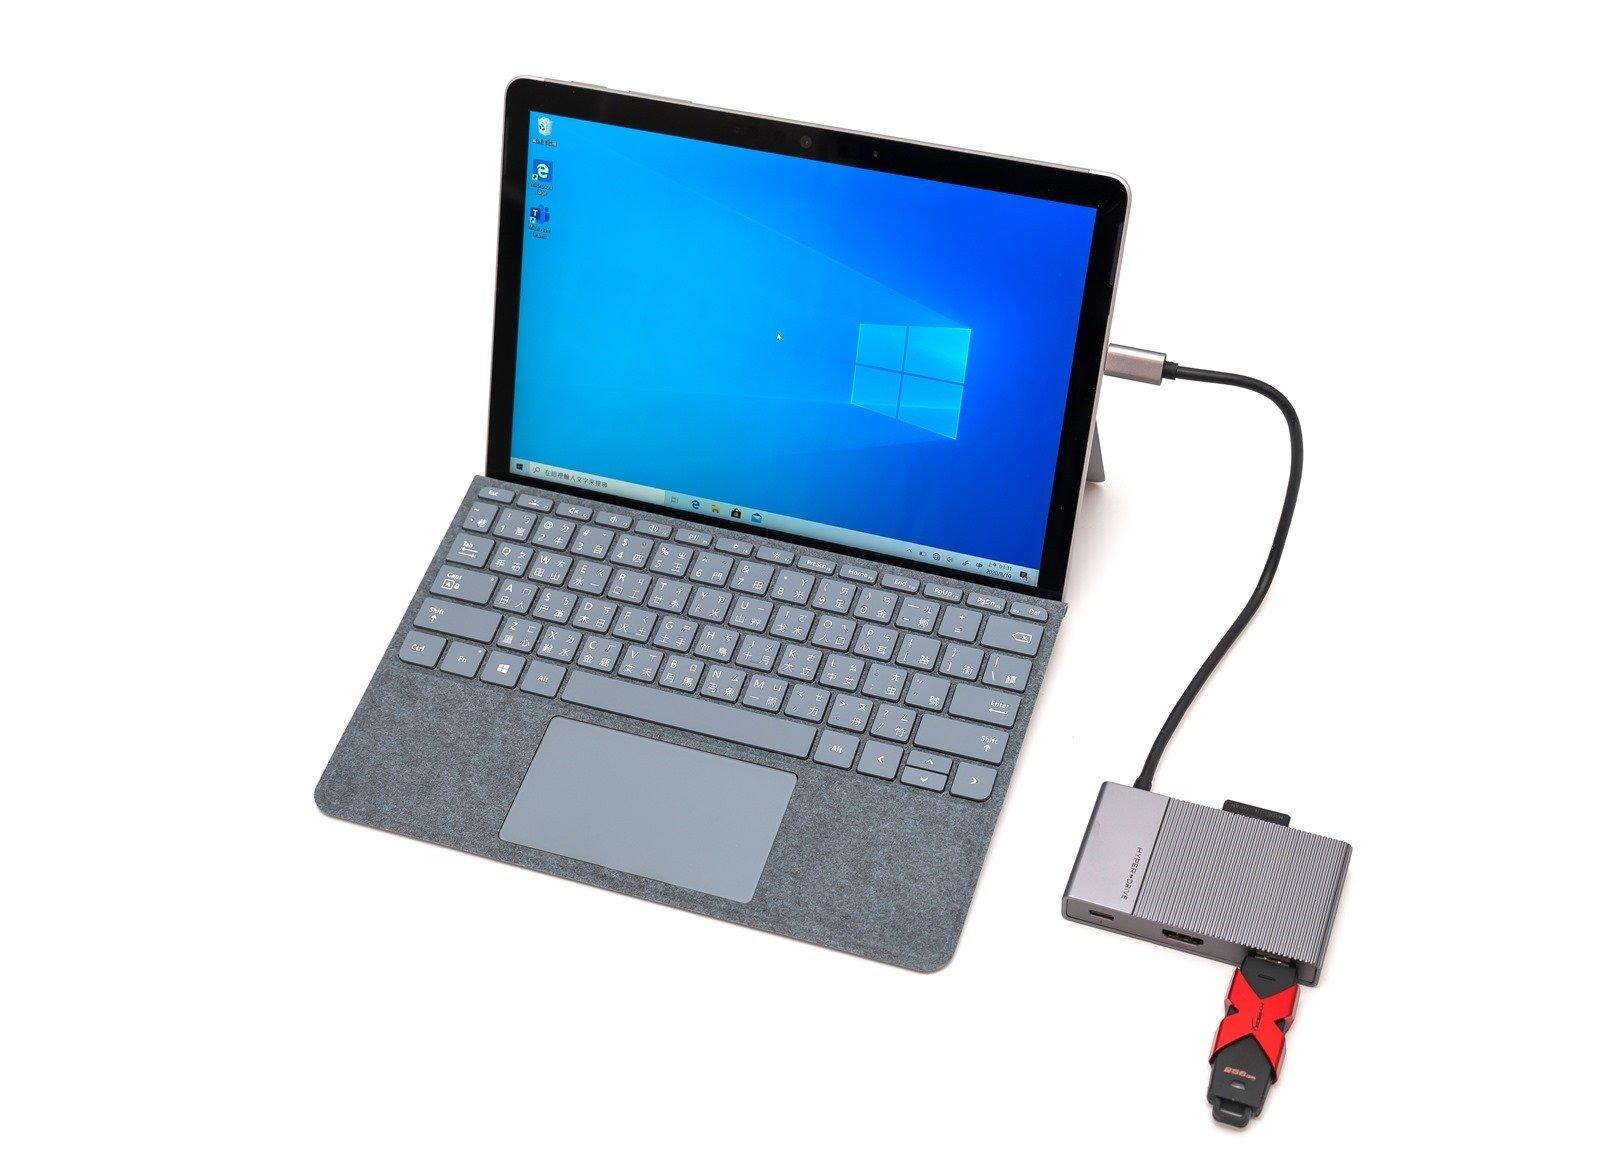 超越自己的美型高速 Hub 首選 HyperDrive Gen2 USB-C Hub!支援 USB 3.1 Gen 2 提昇兩倍速度!(同場加映 HyperDrive 7-in-2 USB-C Hub 二代)@3C 達人廖阿輝